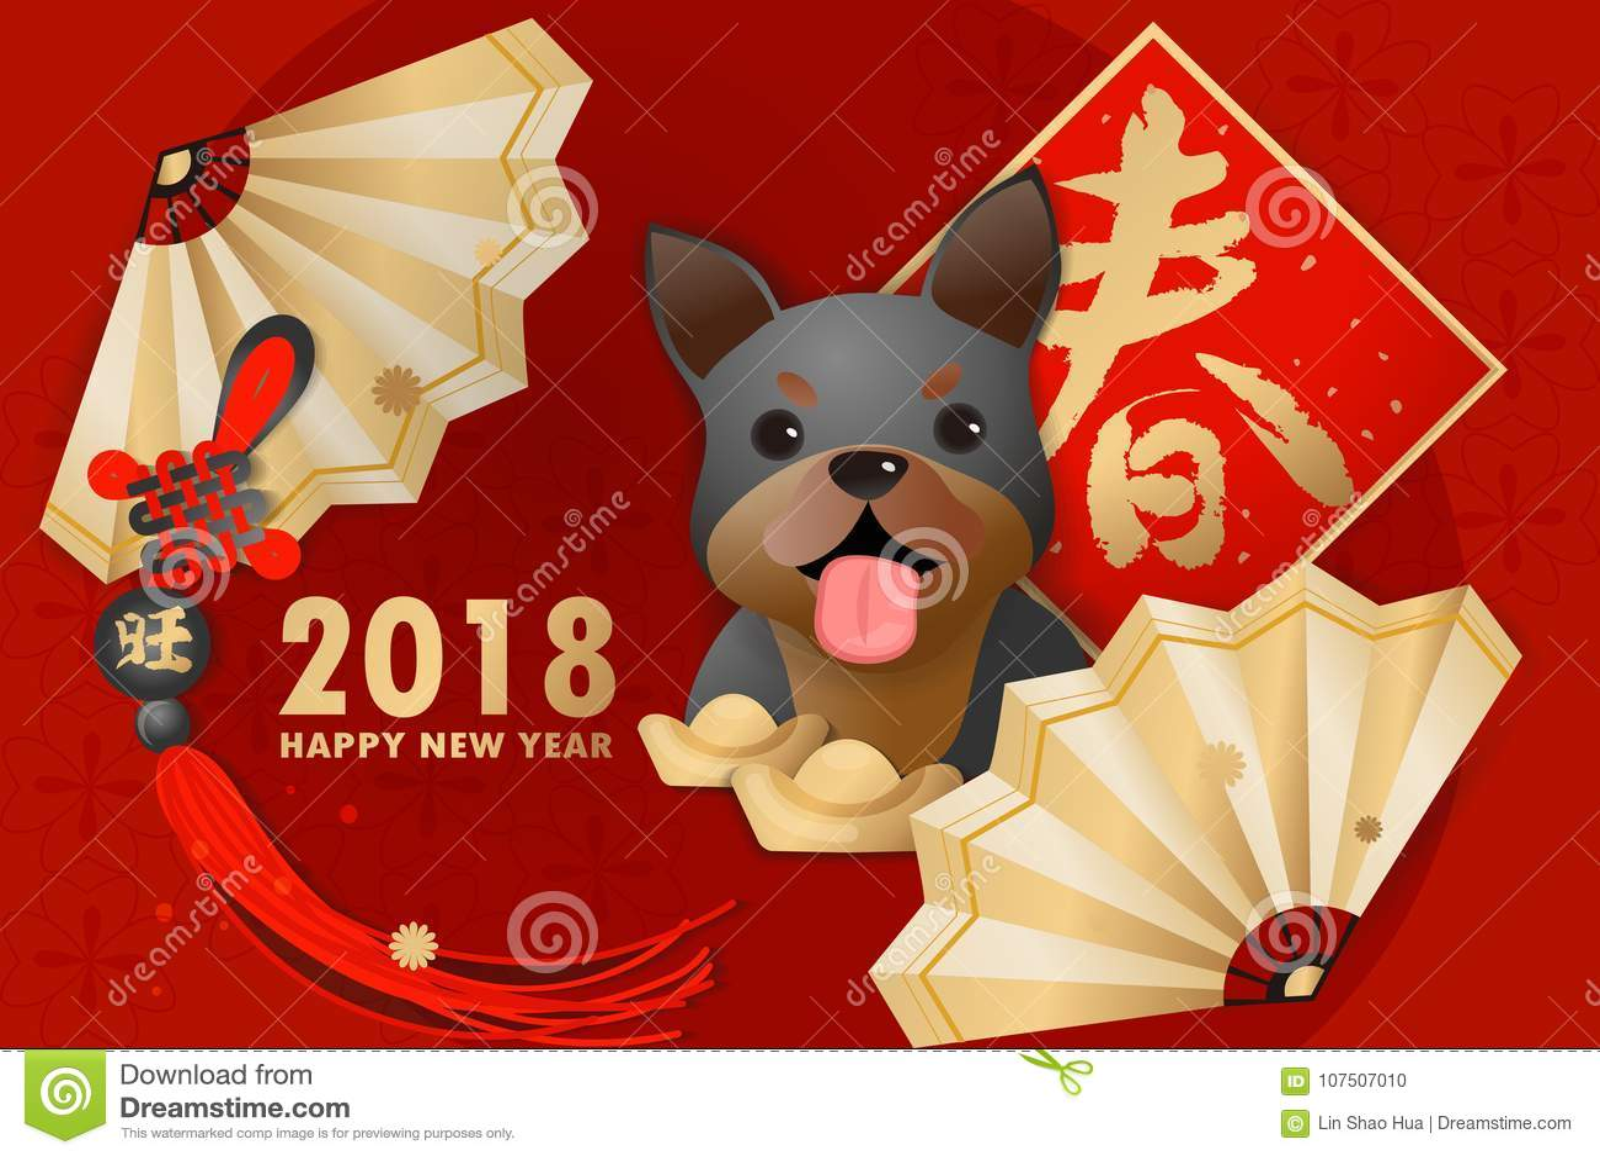 Chinesisches Jahr Der Karikatur Hunde Vektor Abbildung ...